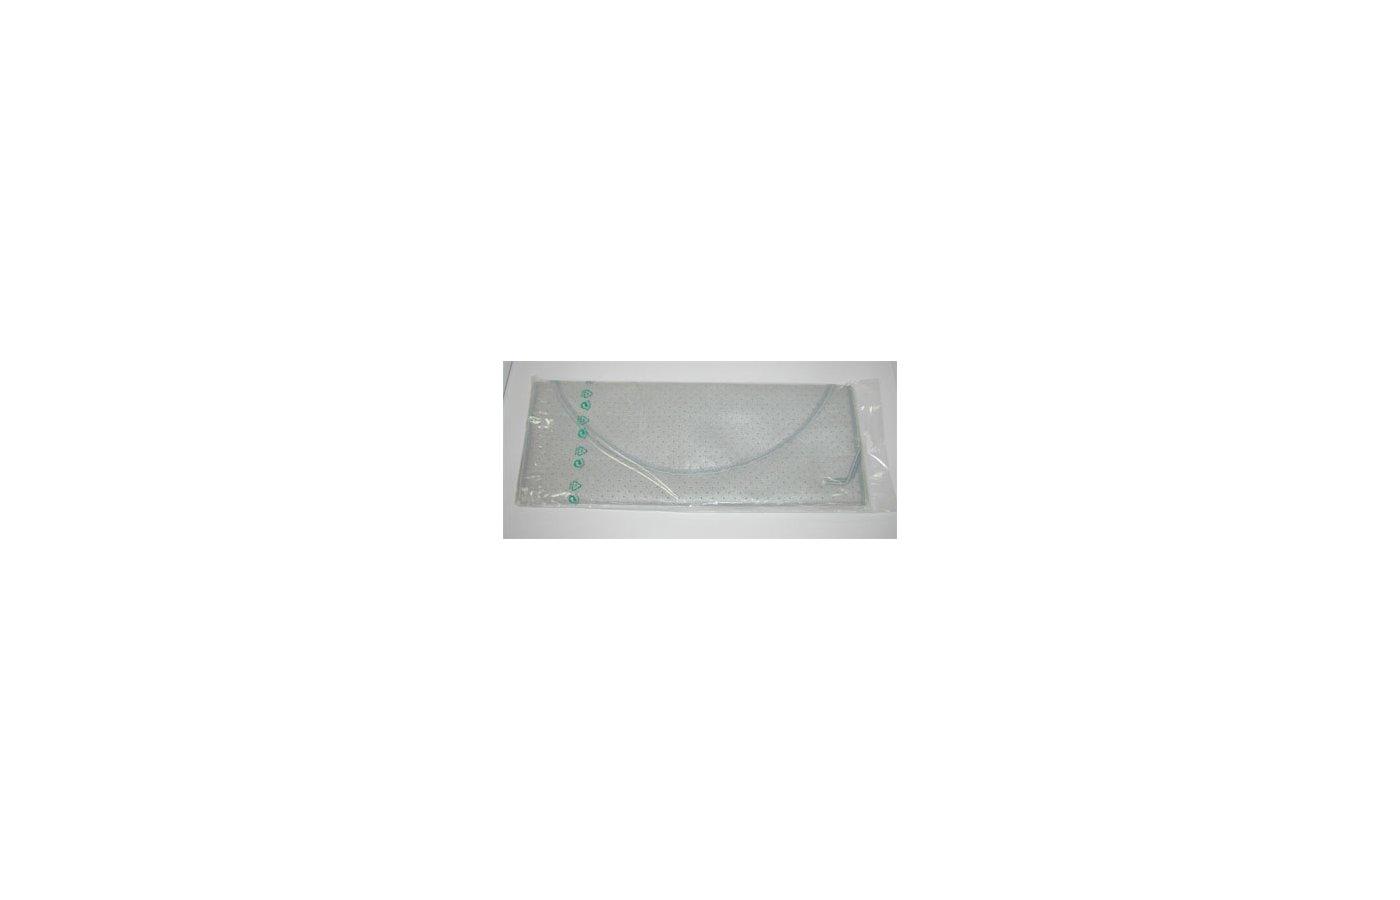 Чехлы и принадлежности для глажки PRISMA Чехол 130х48 см